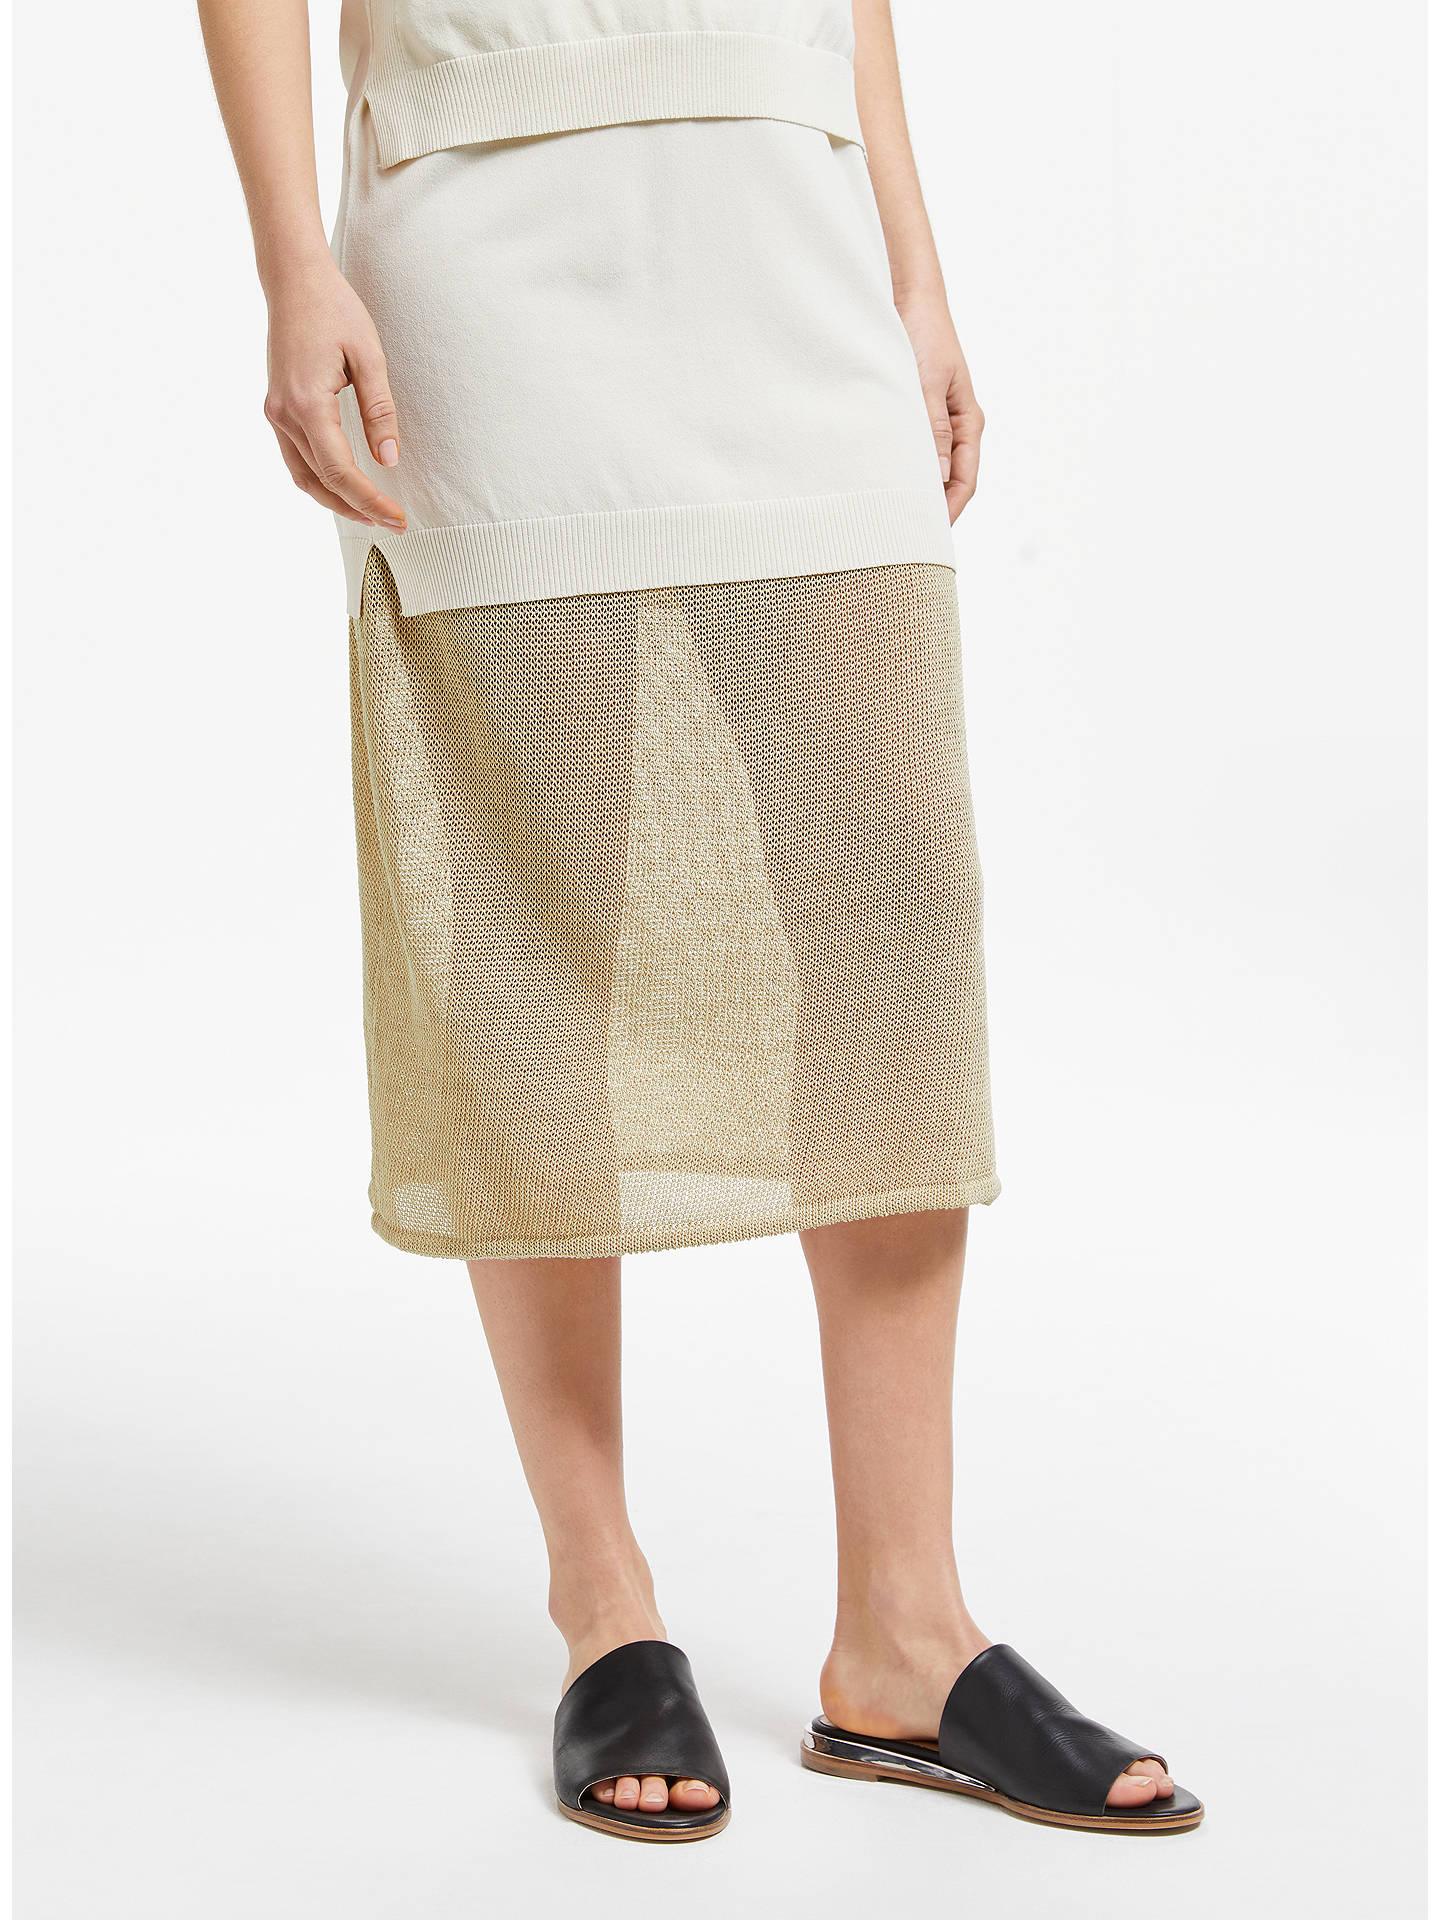 Modern Rarity J. Js Lee Open Knit Midi Skirt, Gold by Modern Rarity